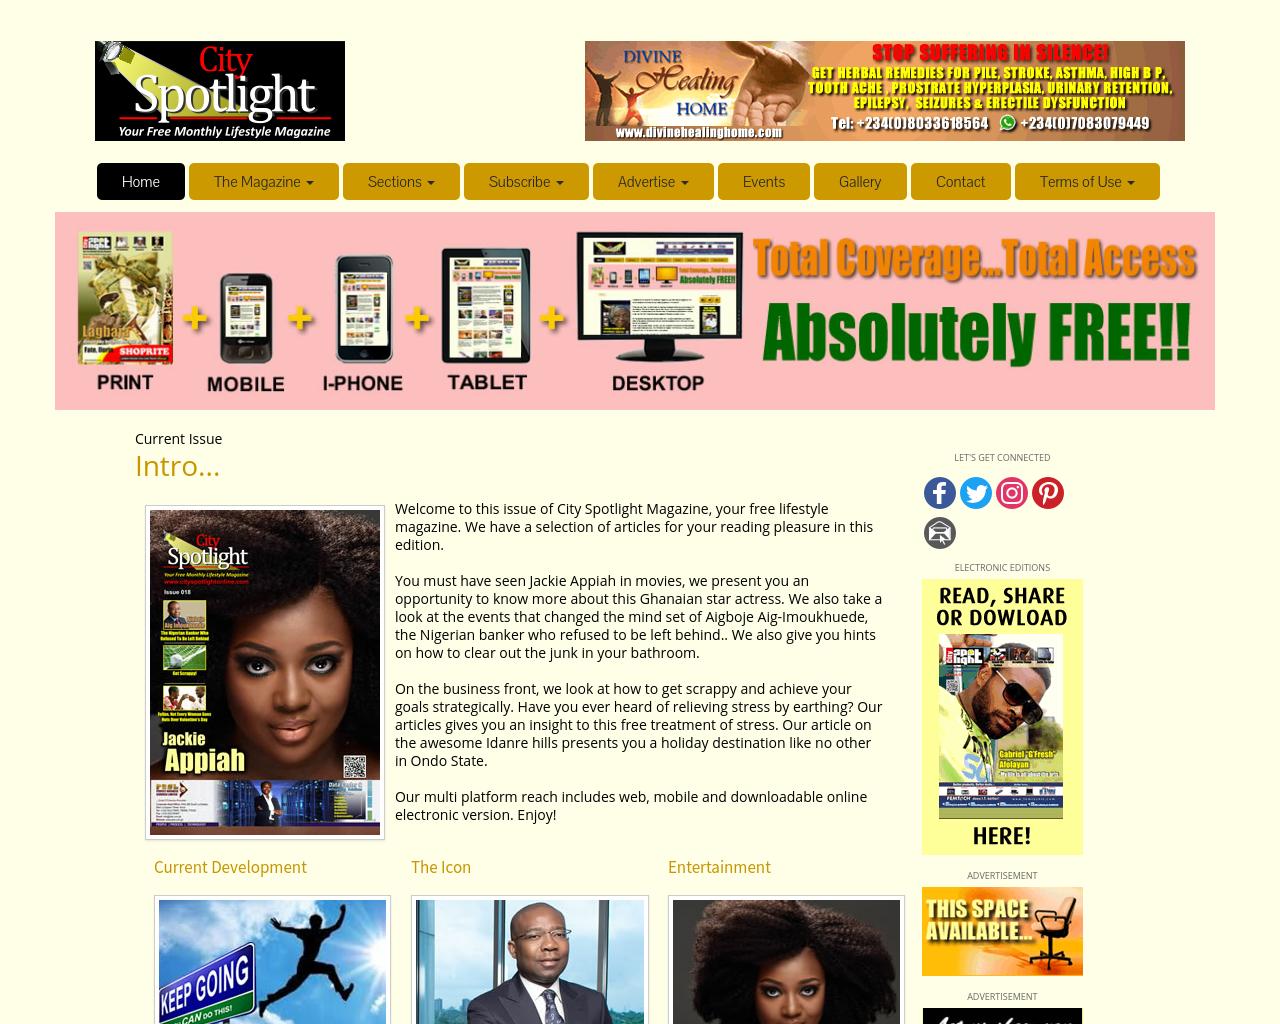 CitySpotlightMagazine-Advertising-Reviews-Pricing